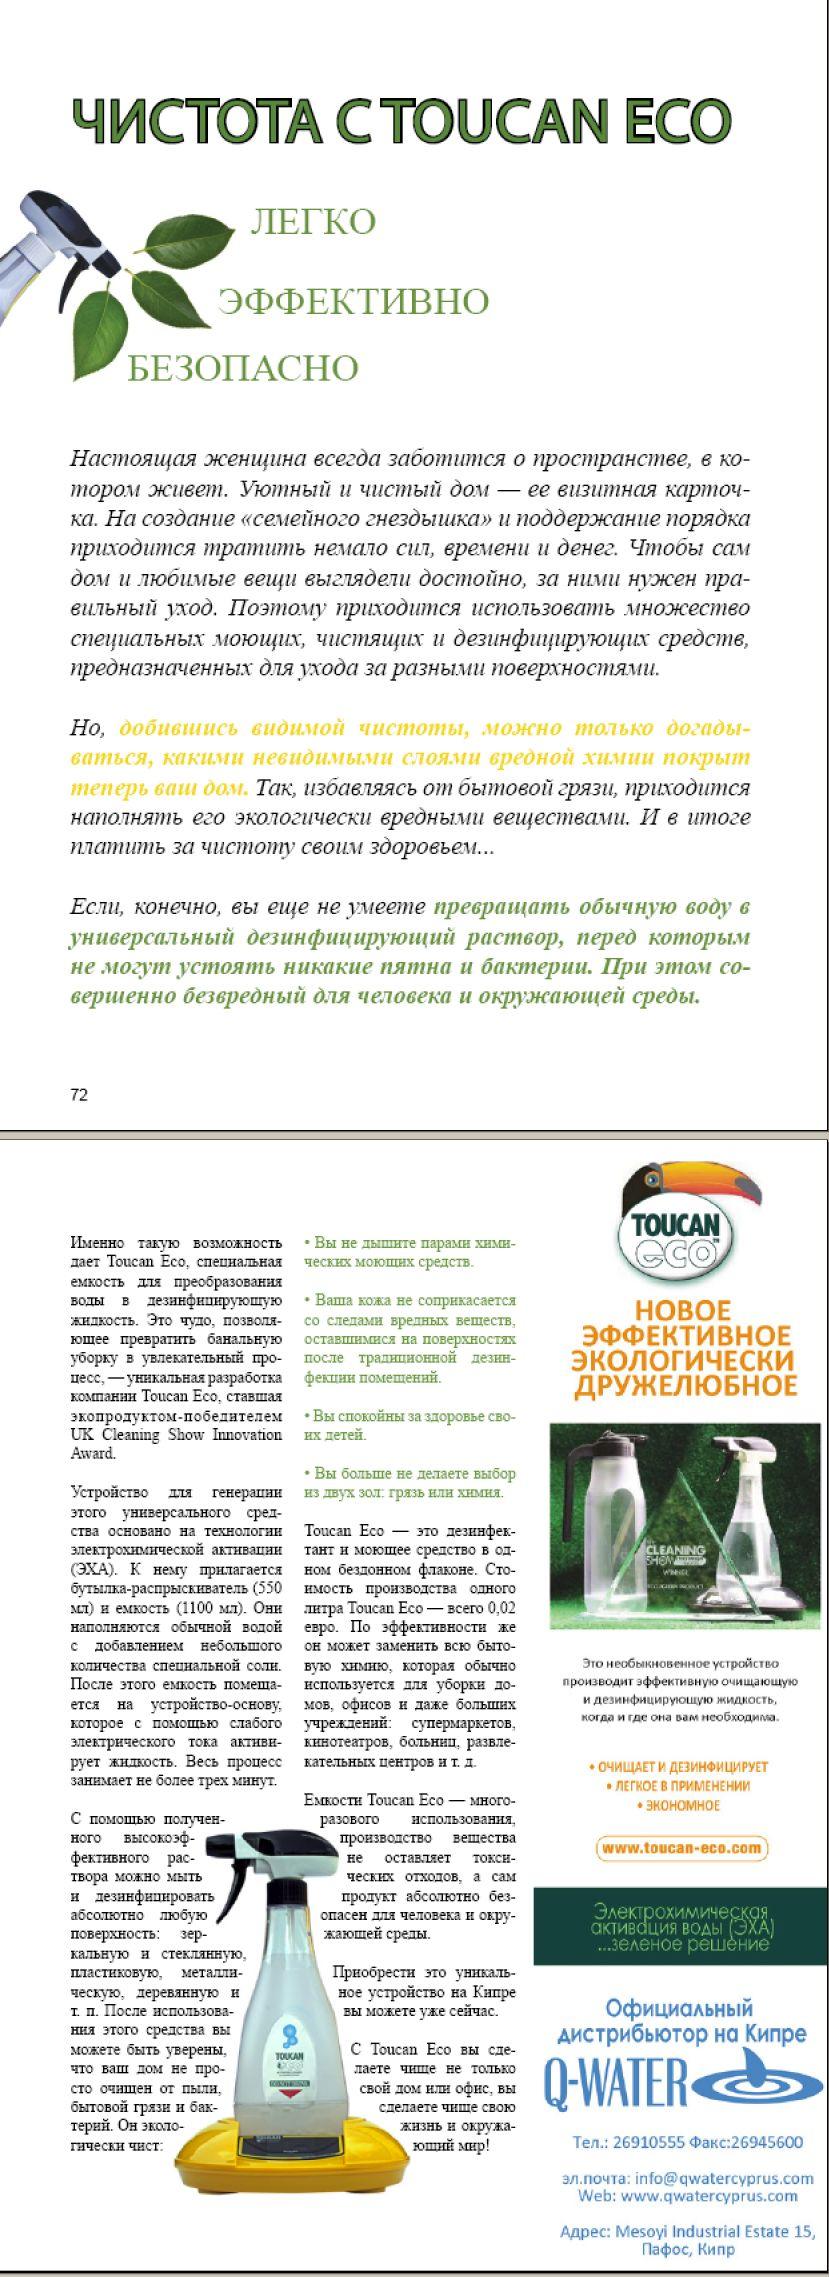 Рекламная статья о моющем средстве